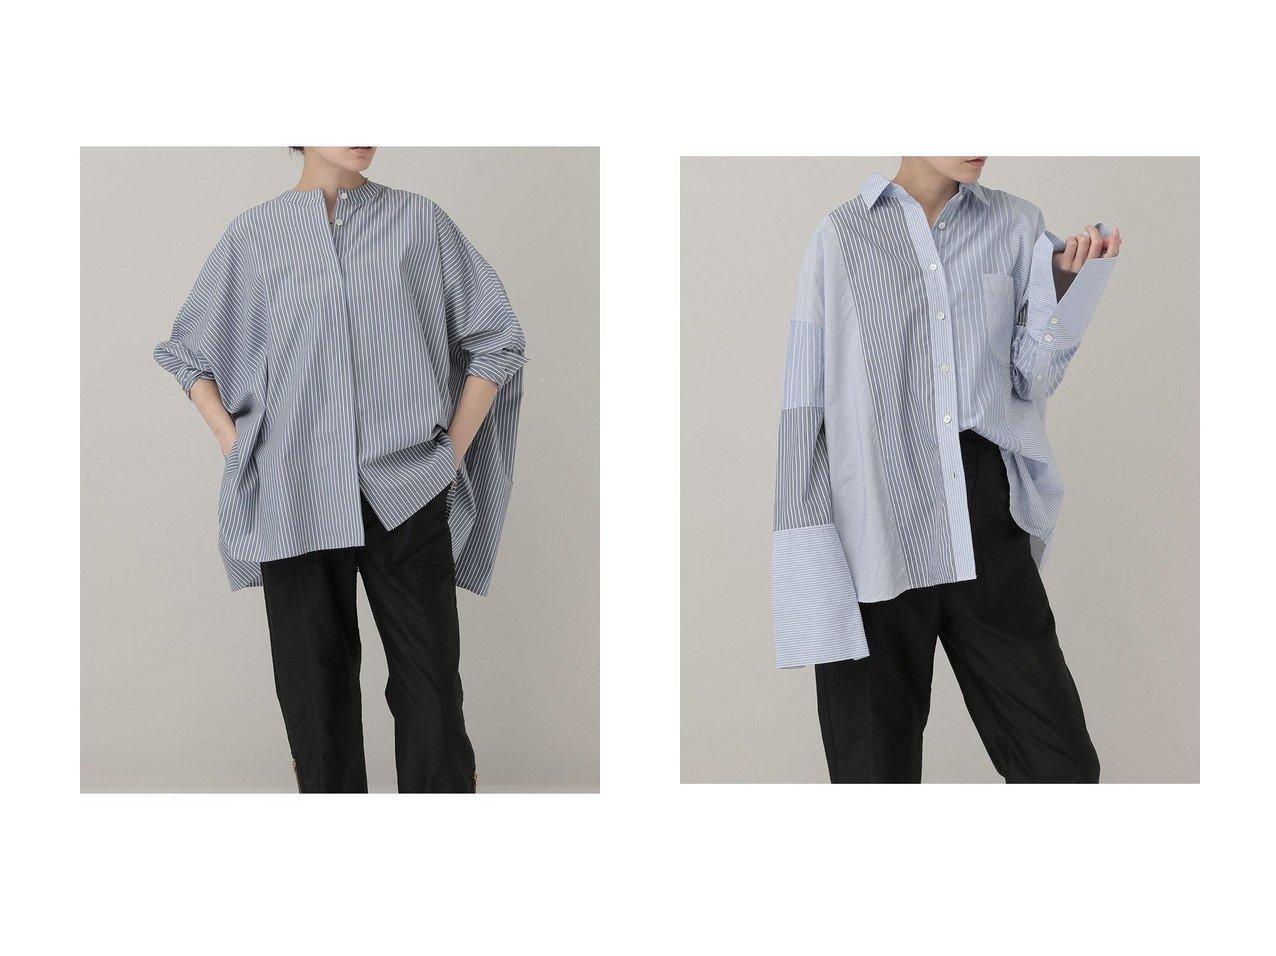 【Curensology/カレンソロジー】のストライプワイドシャツ&クレイジーパターンシャツ 【トップス・カットソー】おすすめ!人気、トレンド・レディースファッションの通販  おすすめで人気の流行・トレンド、ファッションの通販商品 インテリア・家具・メンズファッション・キッズファッション・レディースファッション・服の通販 founy(ファニー) https://founy.com/ ファッション Fashion レディースファッション WOMEN トップス・カットソー Tops/Tshirt シャツ/ブラウス Shirts/Blouses A/W・秋冬 AW・Autumn/Winter・FW・Fall-Winter インナー カフス ストライプ スリーブ ミックス リラックス ロング 羽織 なめらか トレンド ルーズ ワイド 定番 Standard  ID:crp329100000049294